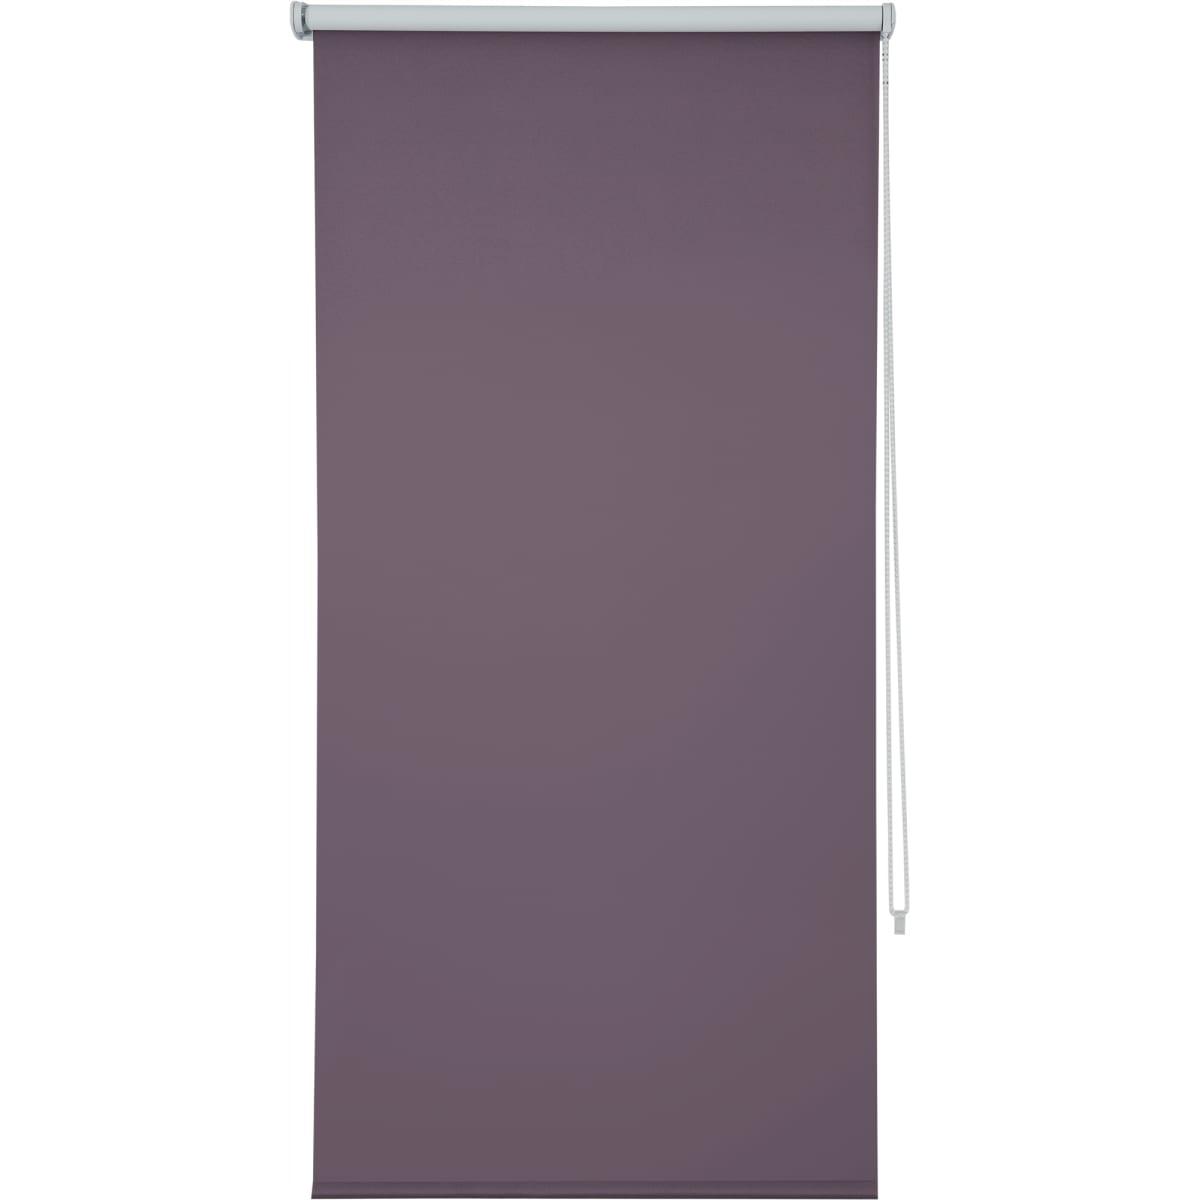 Штора рулонная Inspire блэкаут 50x160 см цвет сиреневый